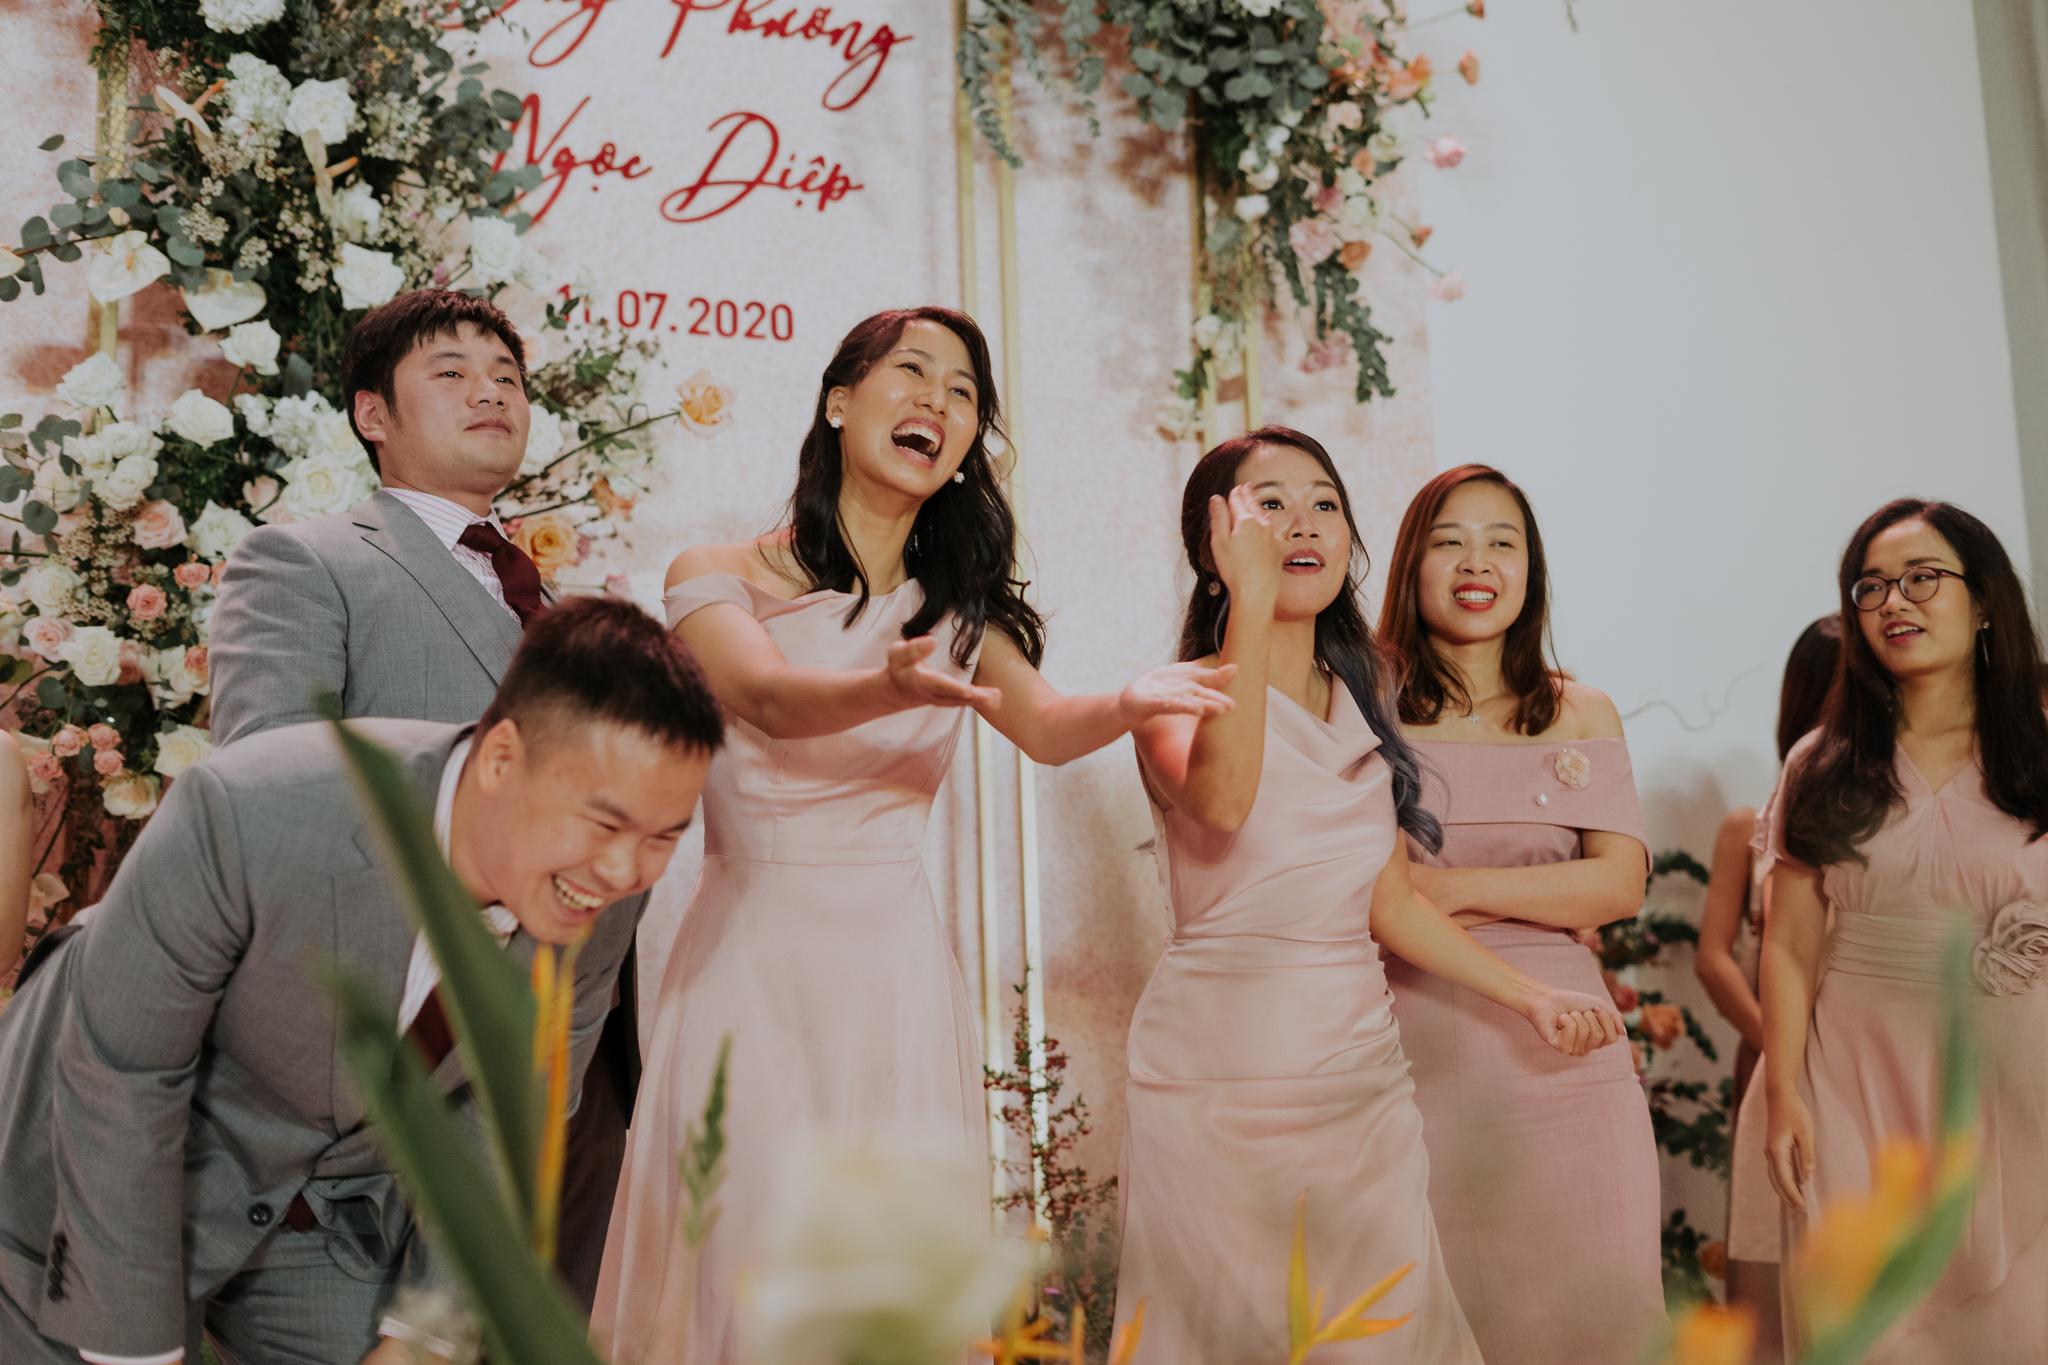 https://huk.s3.amazonaws.com/uploads/image/source/1459/Phuong-Diep-HN-Ceremony-2-0409.JPG